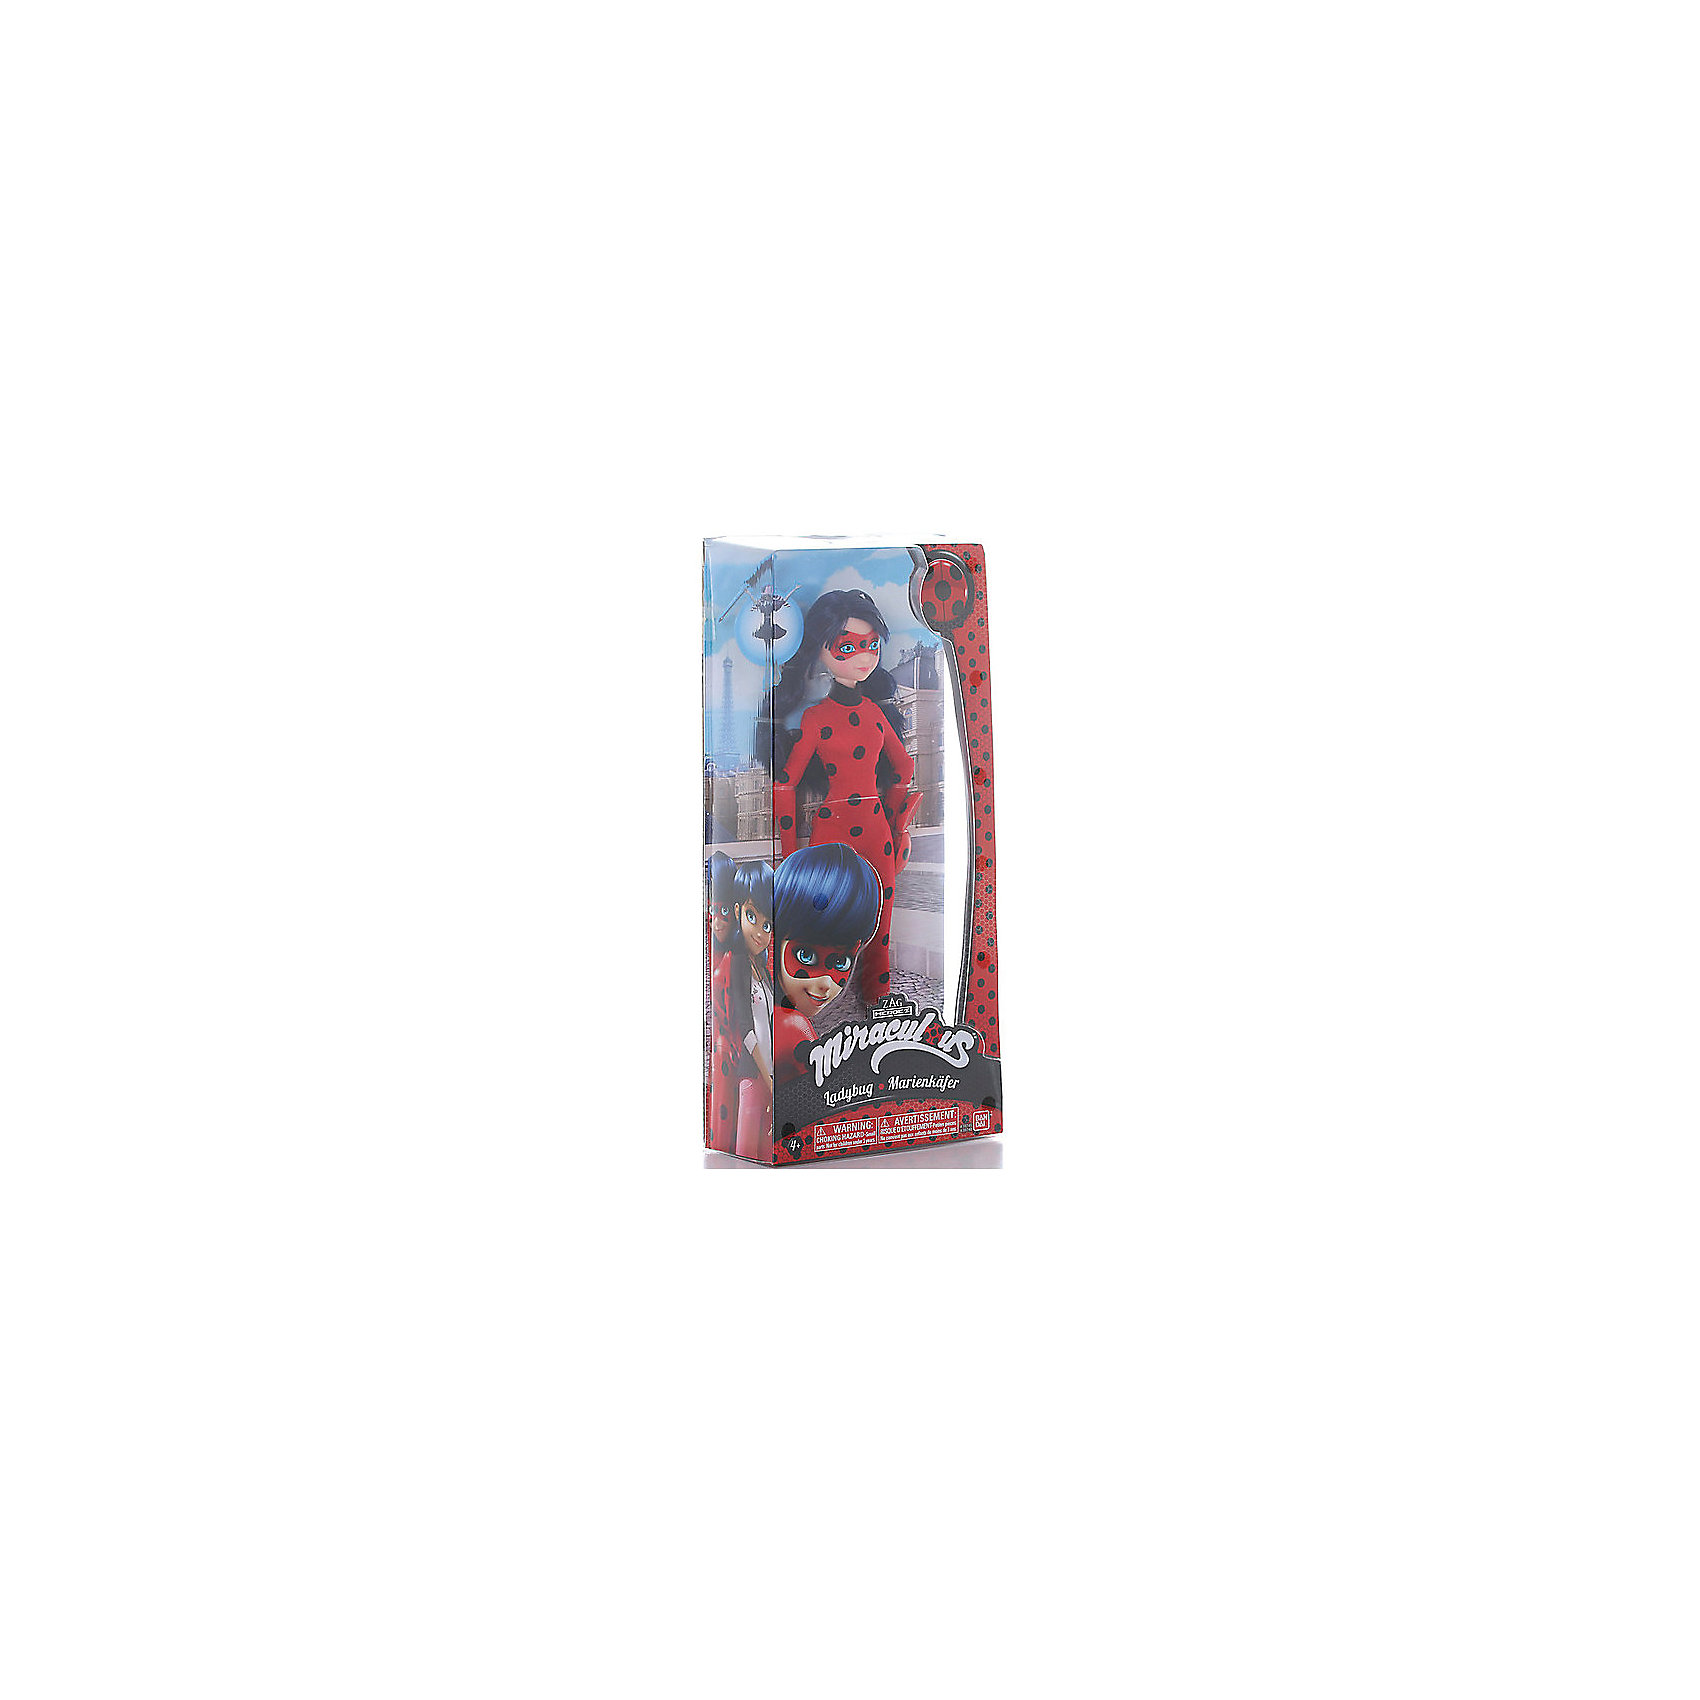 Кукла Леди Баг и Супер-Кот, Леди Баг 26 смЛеди Баг и Супер-Кот<br>Кукла Леди Баг, 26 см, Леди Баг и Супер-Кот.<br><br>Характеристики:<br><br>- Высота куклы: 26 см.<br>- Материал: пластик, текстиль<br>- Размер упаковки: 15,2 х 6,4 х 34,3 см.<br><br>Кукла Леди Баг создана на основе популярного детского мультфильма Леди Баг и Супер-Кот, сюжет которого посвящен приключениям двух юных супергероев в современном Париже. Кукла выполнена в виде героини мультфильма Маринетт Дюпэн-Чэн в образе Леди Баг. Кукла одета в костюм божьей коровки ярко-красного цвета в чёрный горошек. Волосы темно синего цвета собраны в хвостики. Маска частично скрывает лицо куклы. Очень выразительно сделаны большие глаза куклы, смотрящие из-под маски. В руках она держит знаменитый телефон-гаджет, благодаря которому Баг с легкостью взбирается на стены, связывает преступников и общается с другими коллегами супергероями. Кукла выполнена из качественного пластика, руки и ноги подвижны.<br><br>Куклу Леди Баг, 26 см, Леди Баг и Супер-Кот купить в нашем интернет-магазине.<br><br>Ширина мм: 64<br>Глубина мм: 343<br>Высота мм: 152<br>Вес г: 318<br>Возраст от месяцев: 48<br>Возраст до месяцев: 2147483647<br>Пол: Женский<br>Возраст: Детский<br>SKU: 5158102